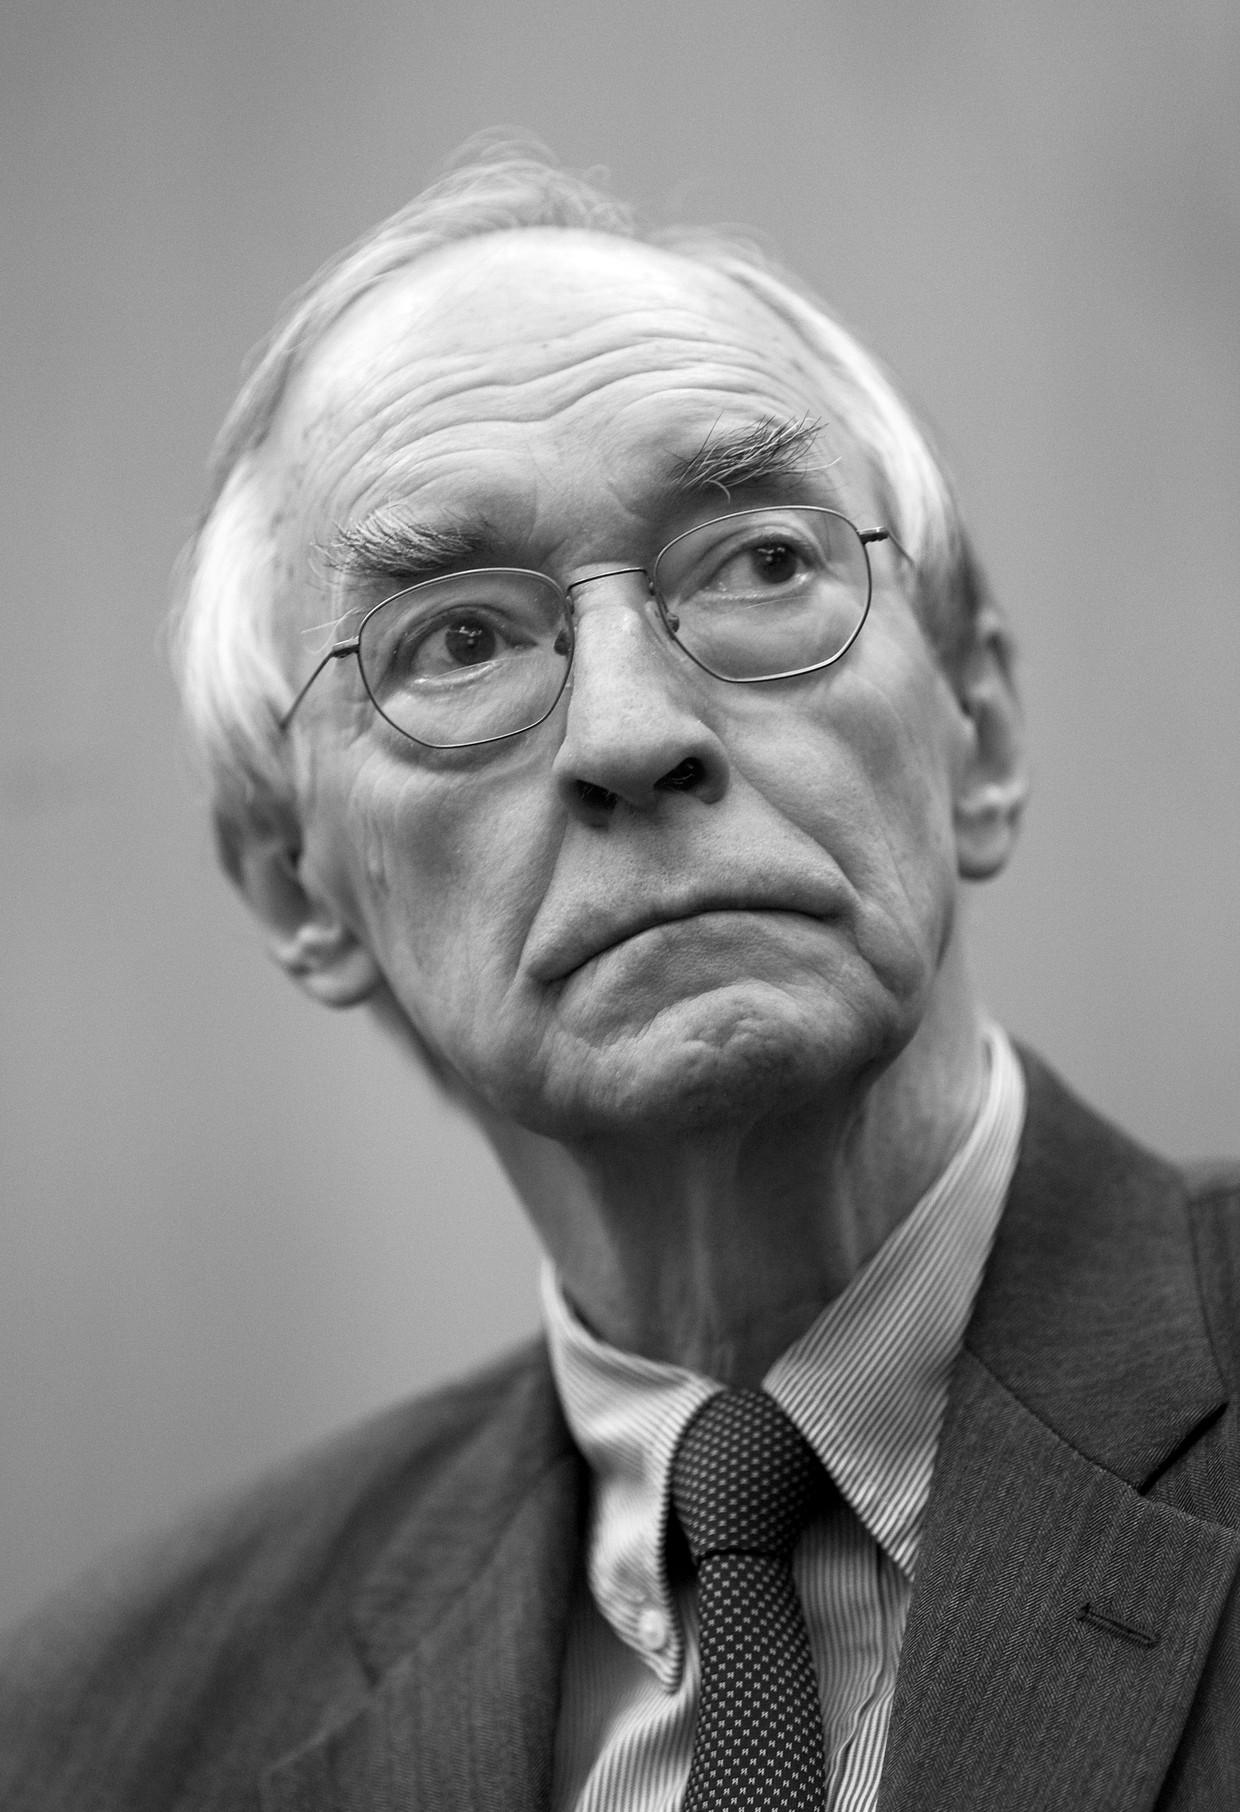 Peter van Walsum in 2009.